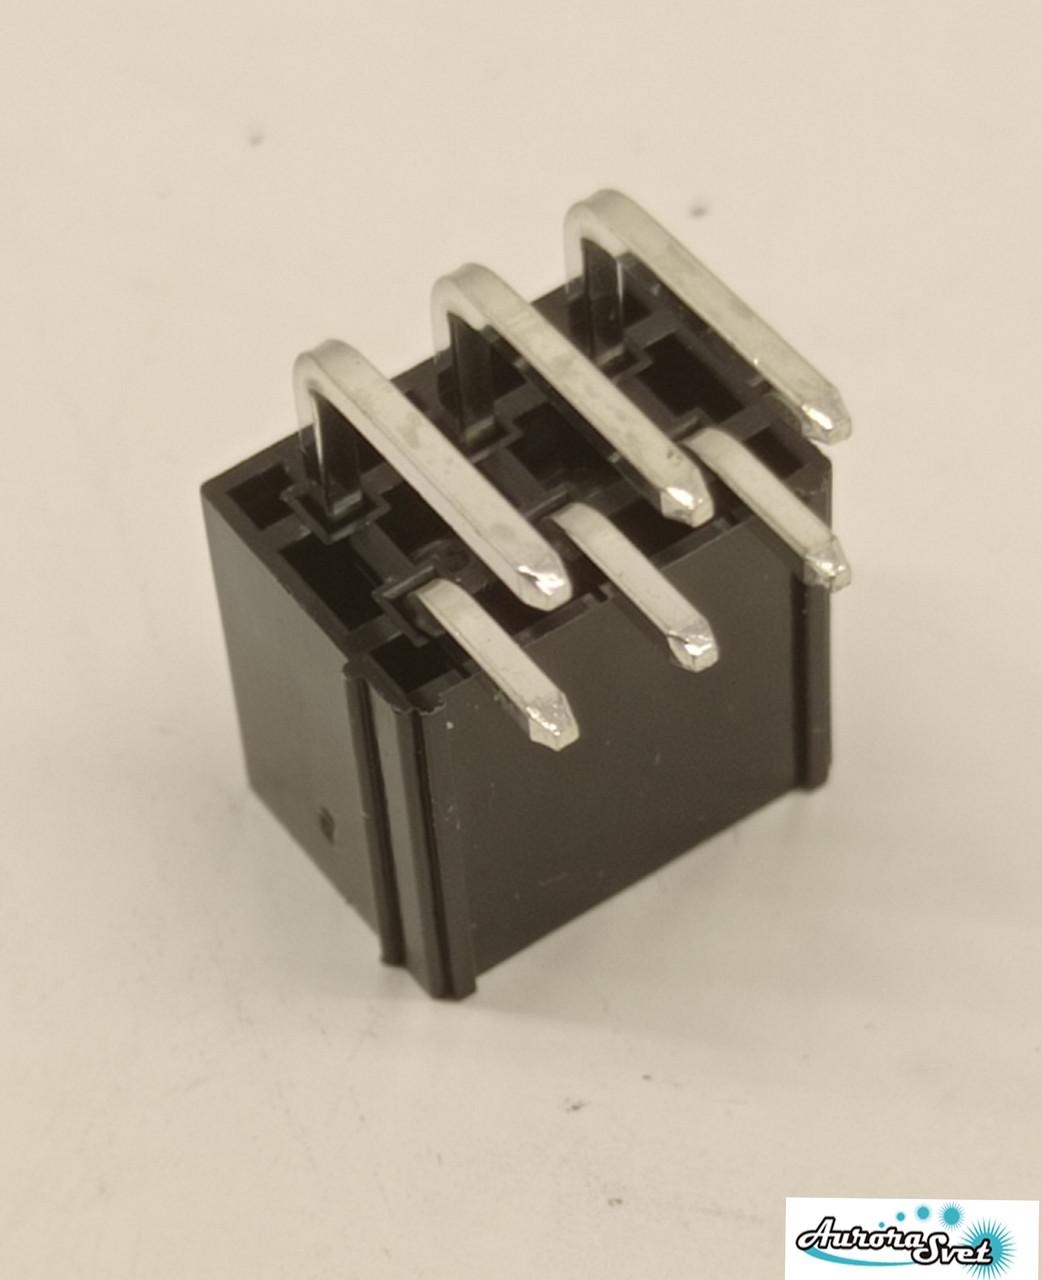 6 pin роз'єм Mini-Fit кутовий вилка + контакти,для живлення відеокарти під пайку.Конектор 4.2 мм 2x3Pin